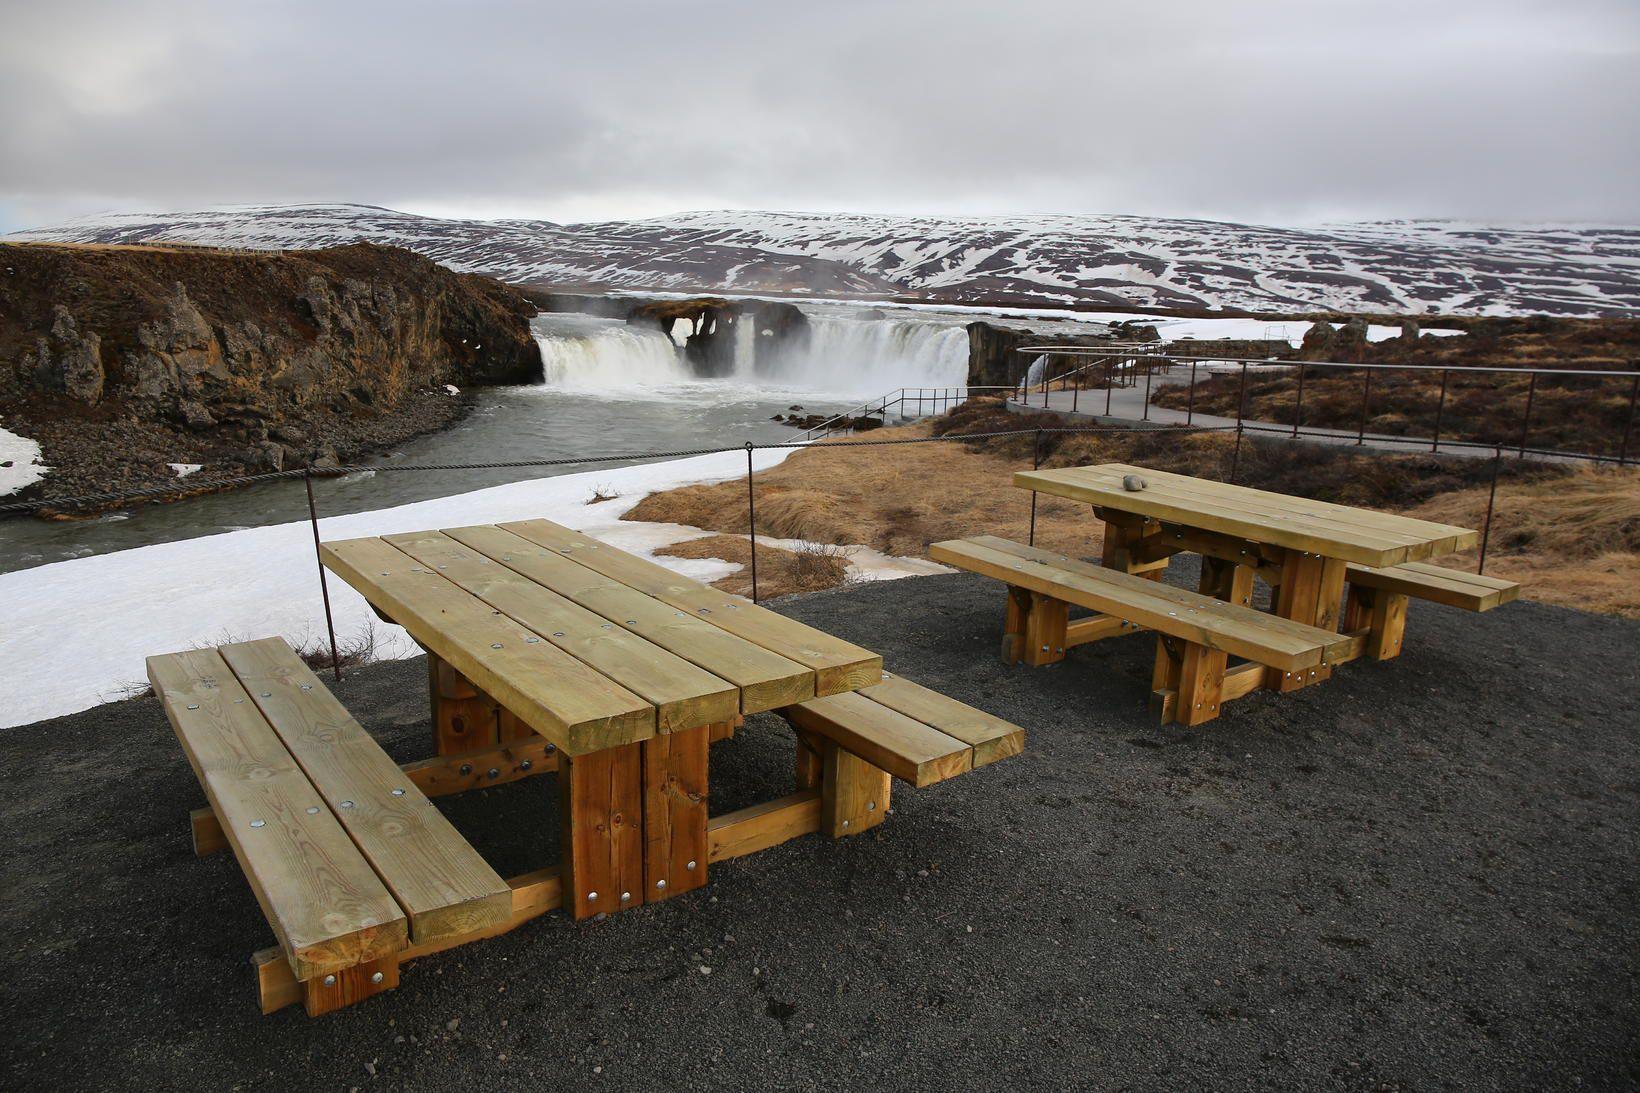 Innlendir aðilar segja sárt að svo stórt markaðsverkefni verði flutt …